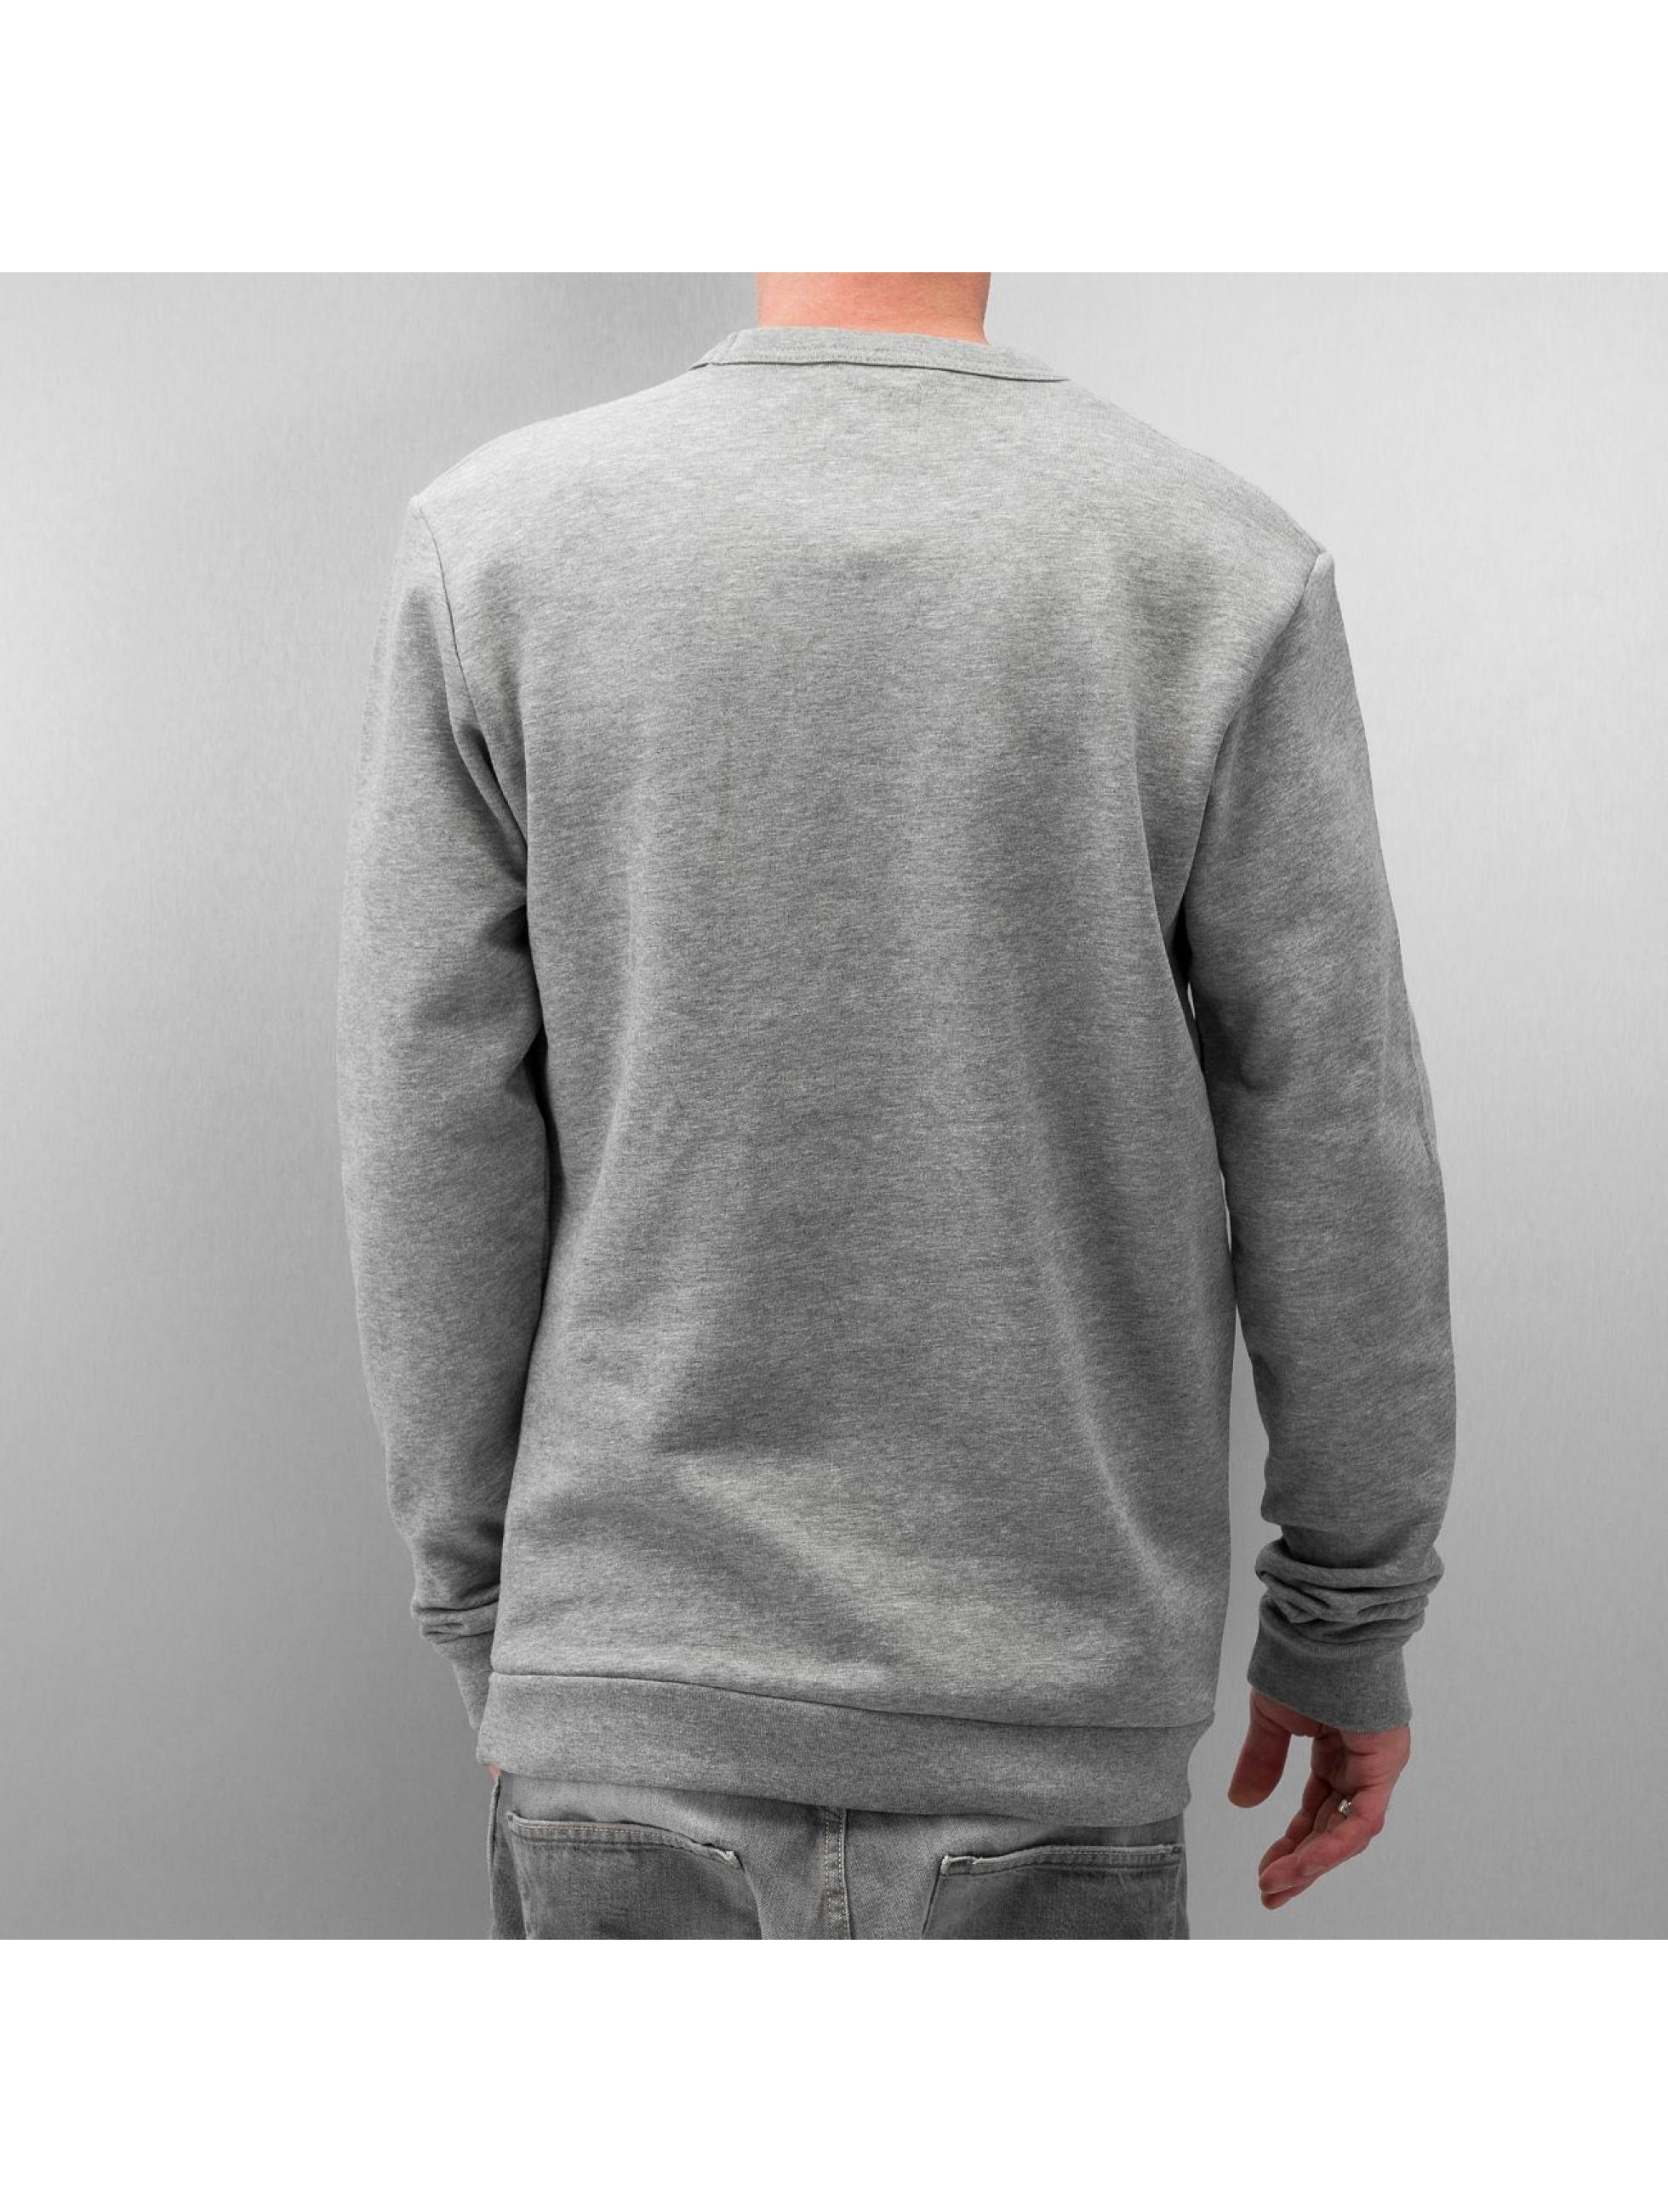 Selected Пуловер Delik серый